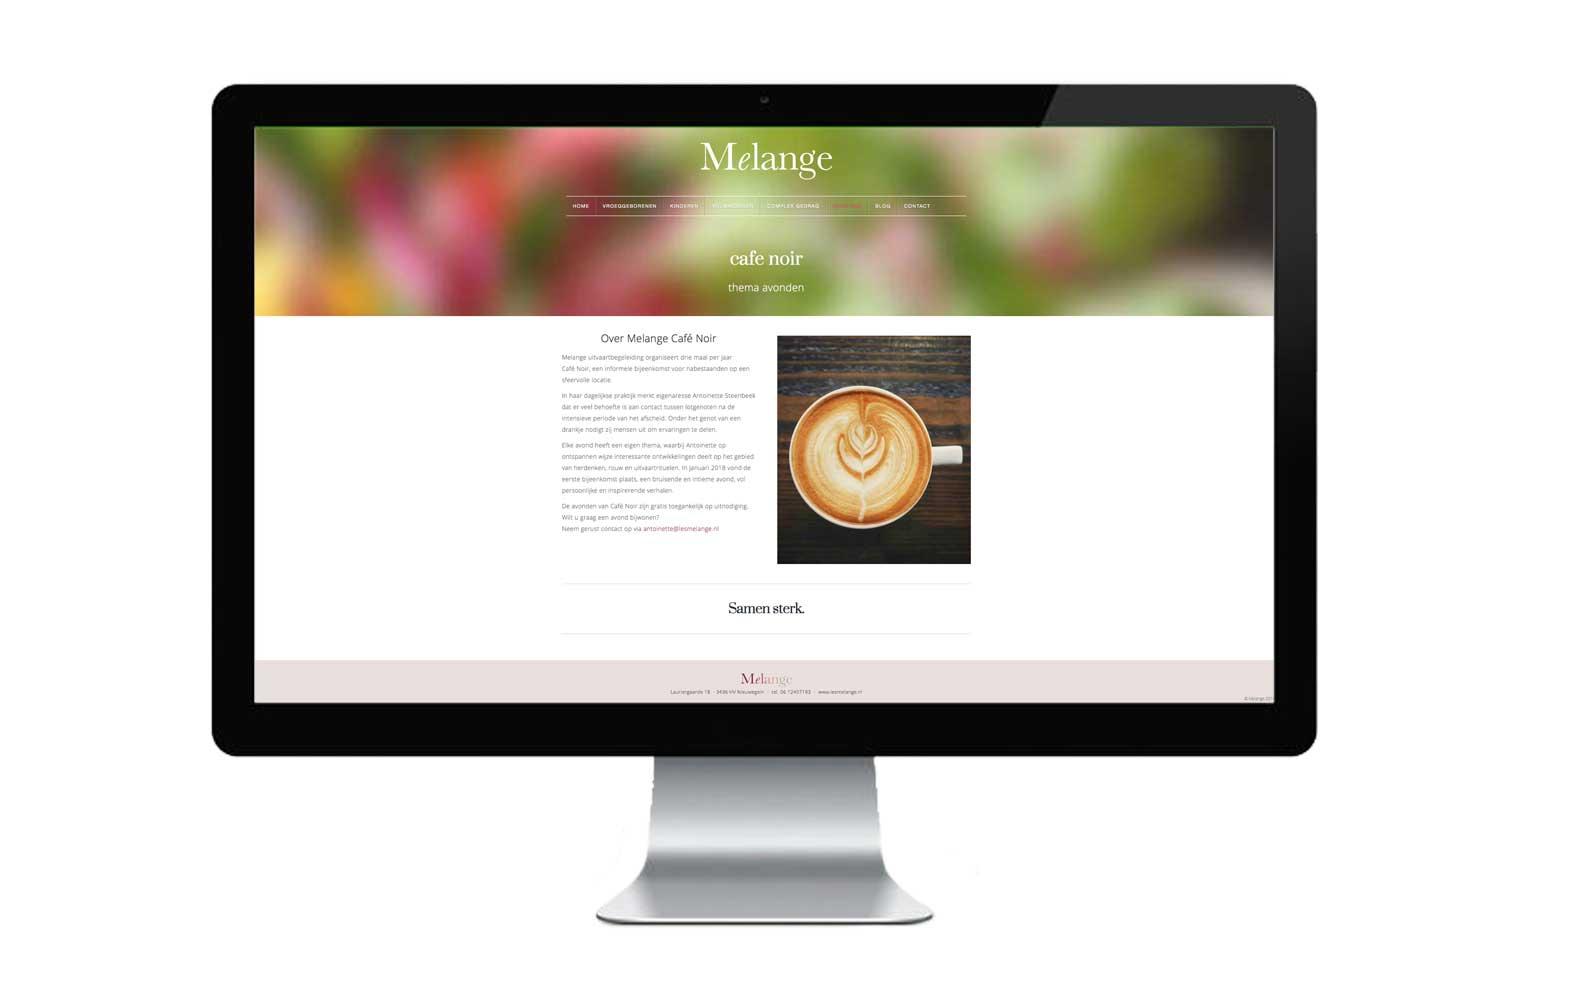 StudioErnst-Melange-Uitvaart-Uitvaart-cafeNoir